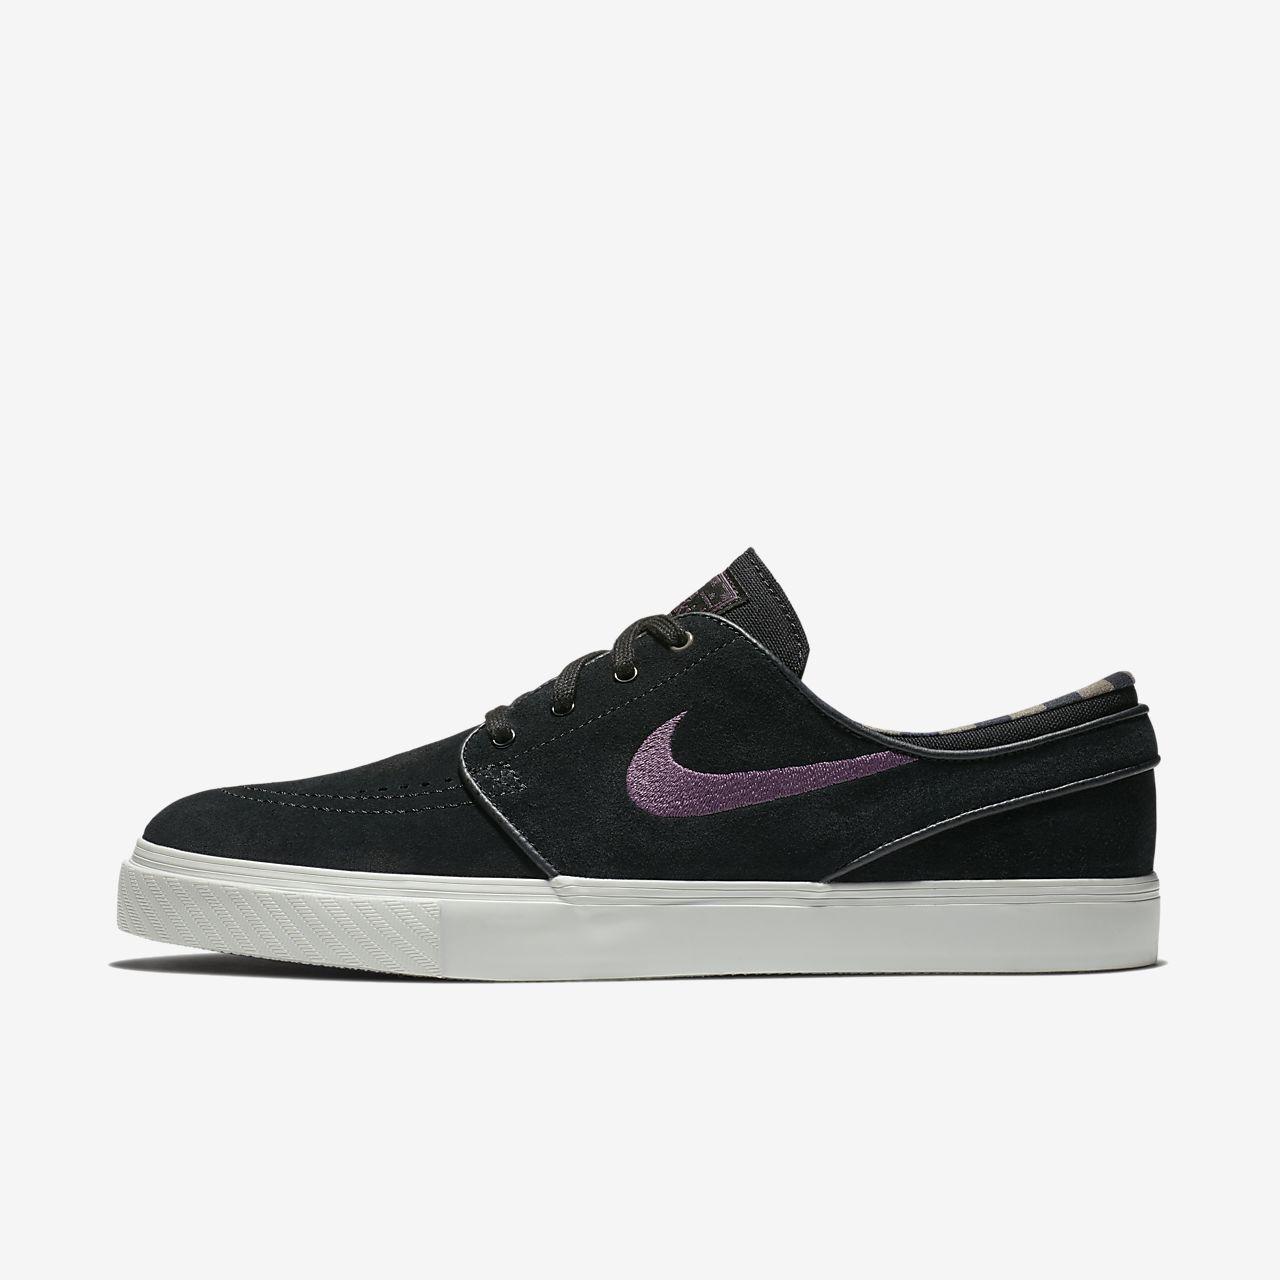 Nike Zoom Stefan Janoski Mens Skateboarding Shoe